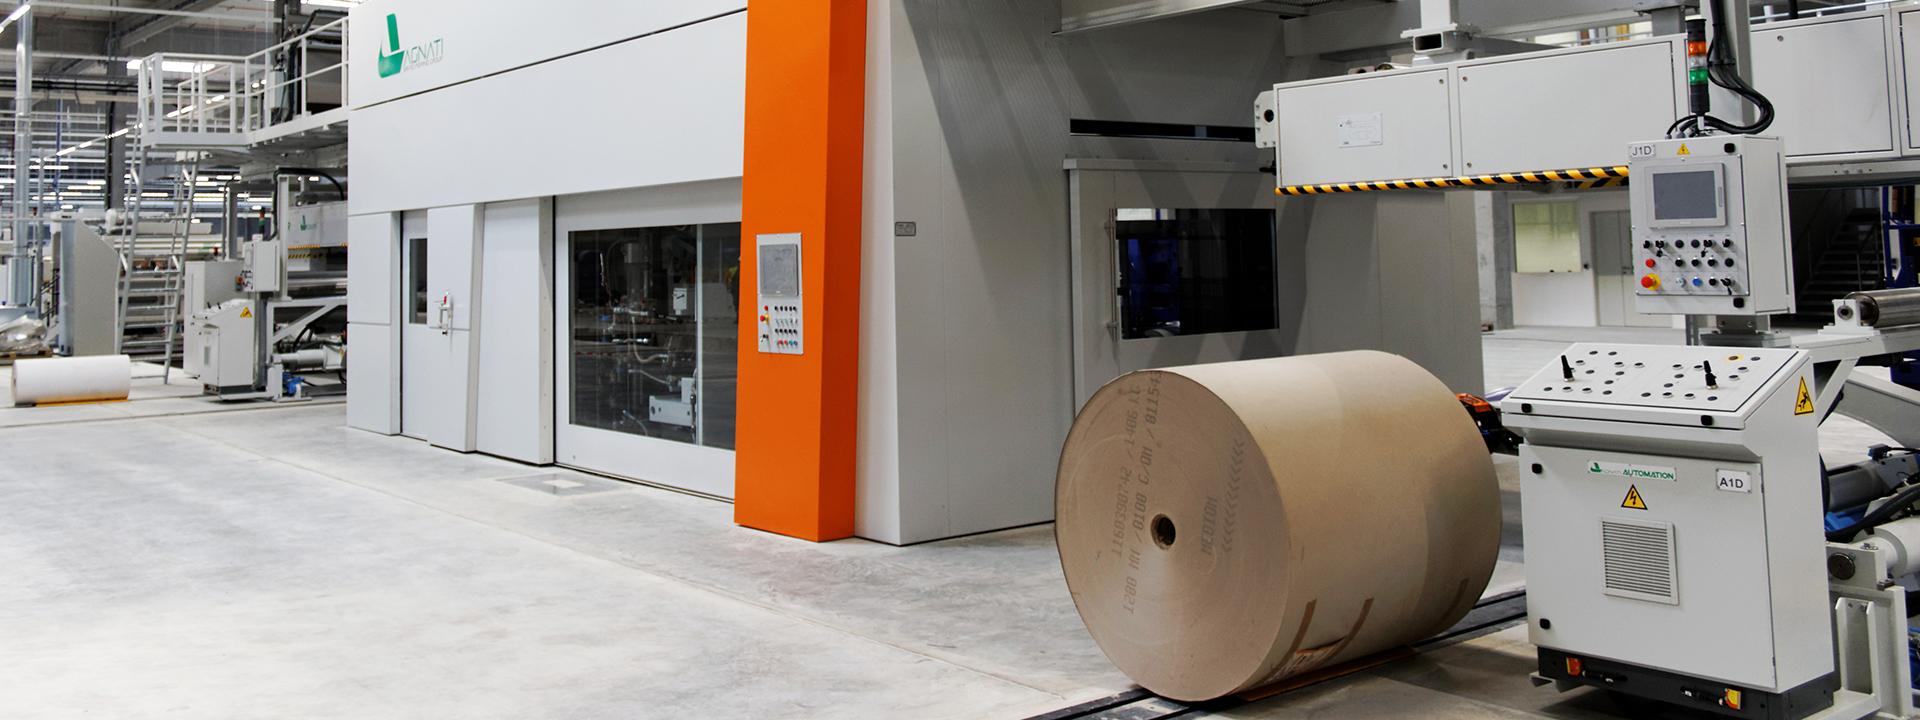 Innenansicht Fertigstellung des neuen Produktionsstandorts für Wellpappe für DS Smith